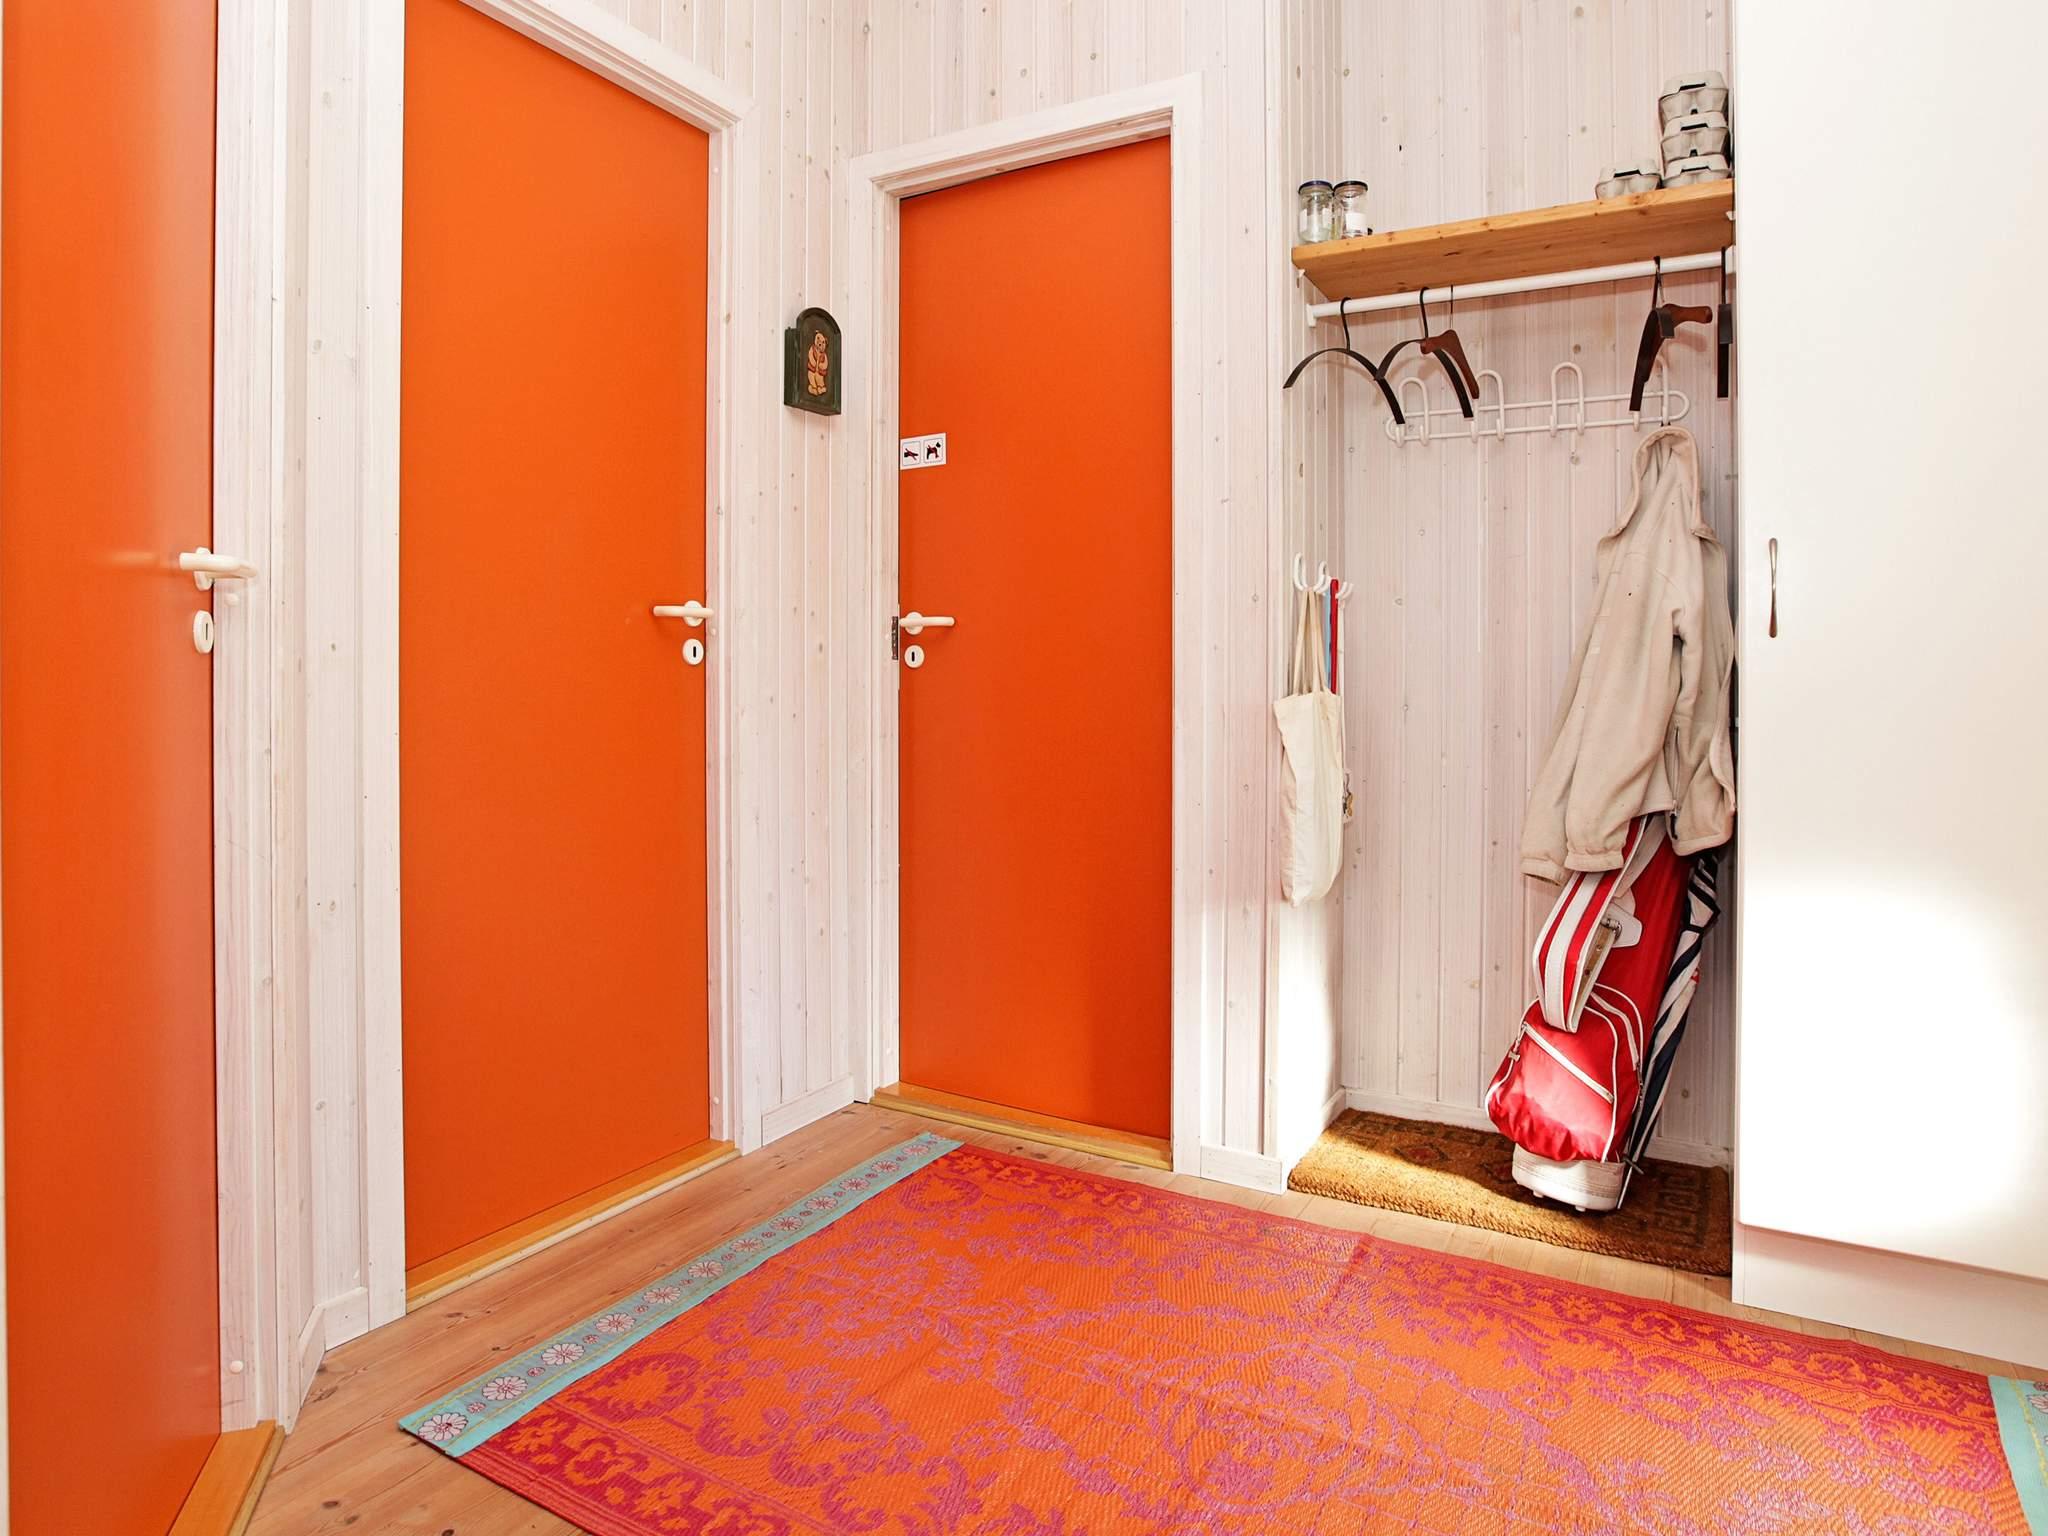 Ferienhaus Stoense (160162), Stoense, , Langeland, Dänemark, Bild 20